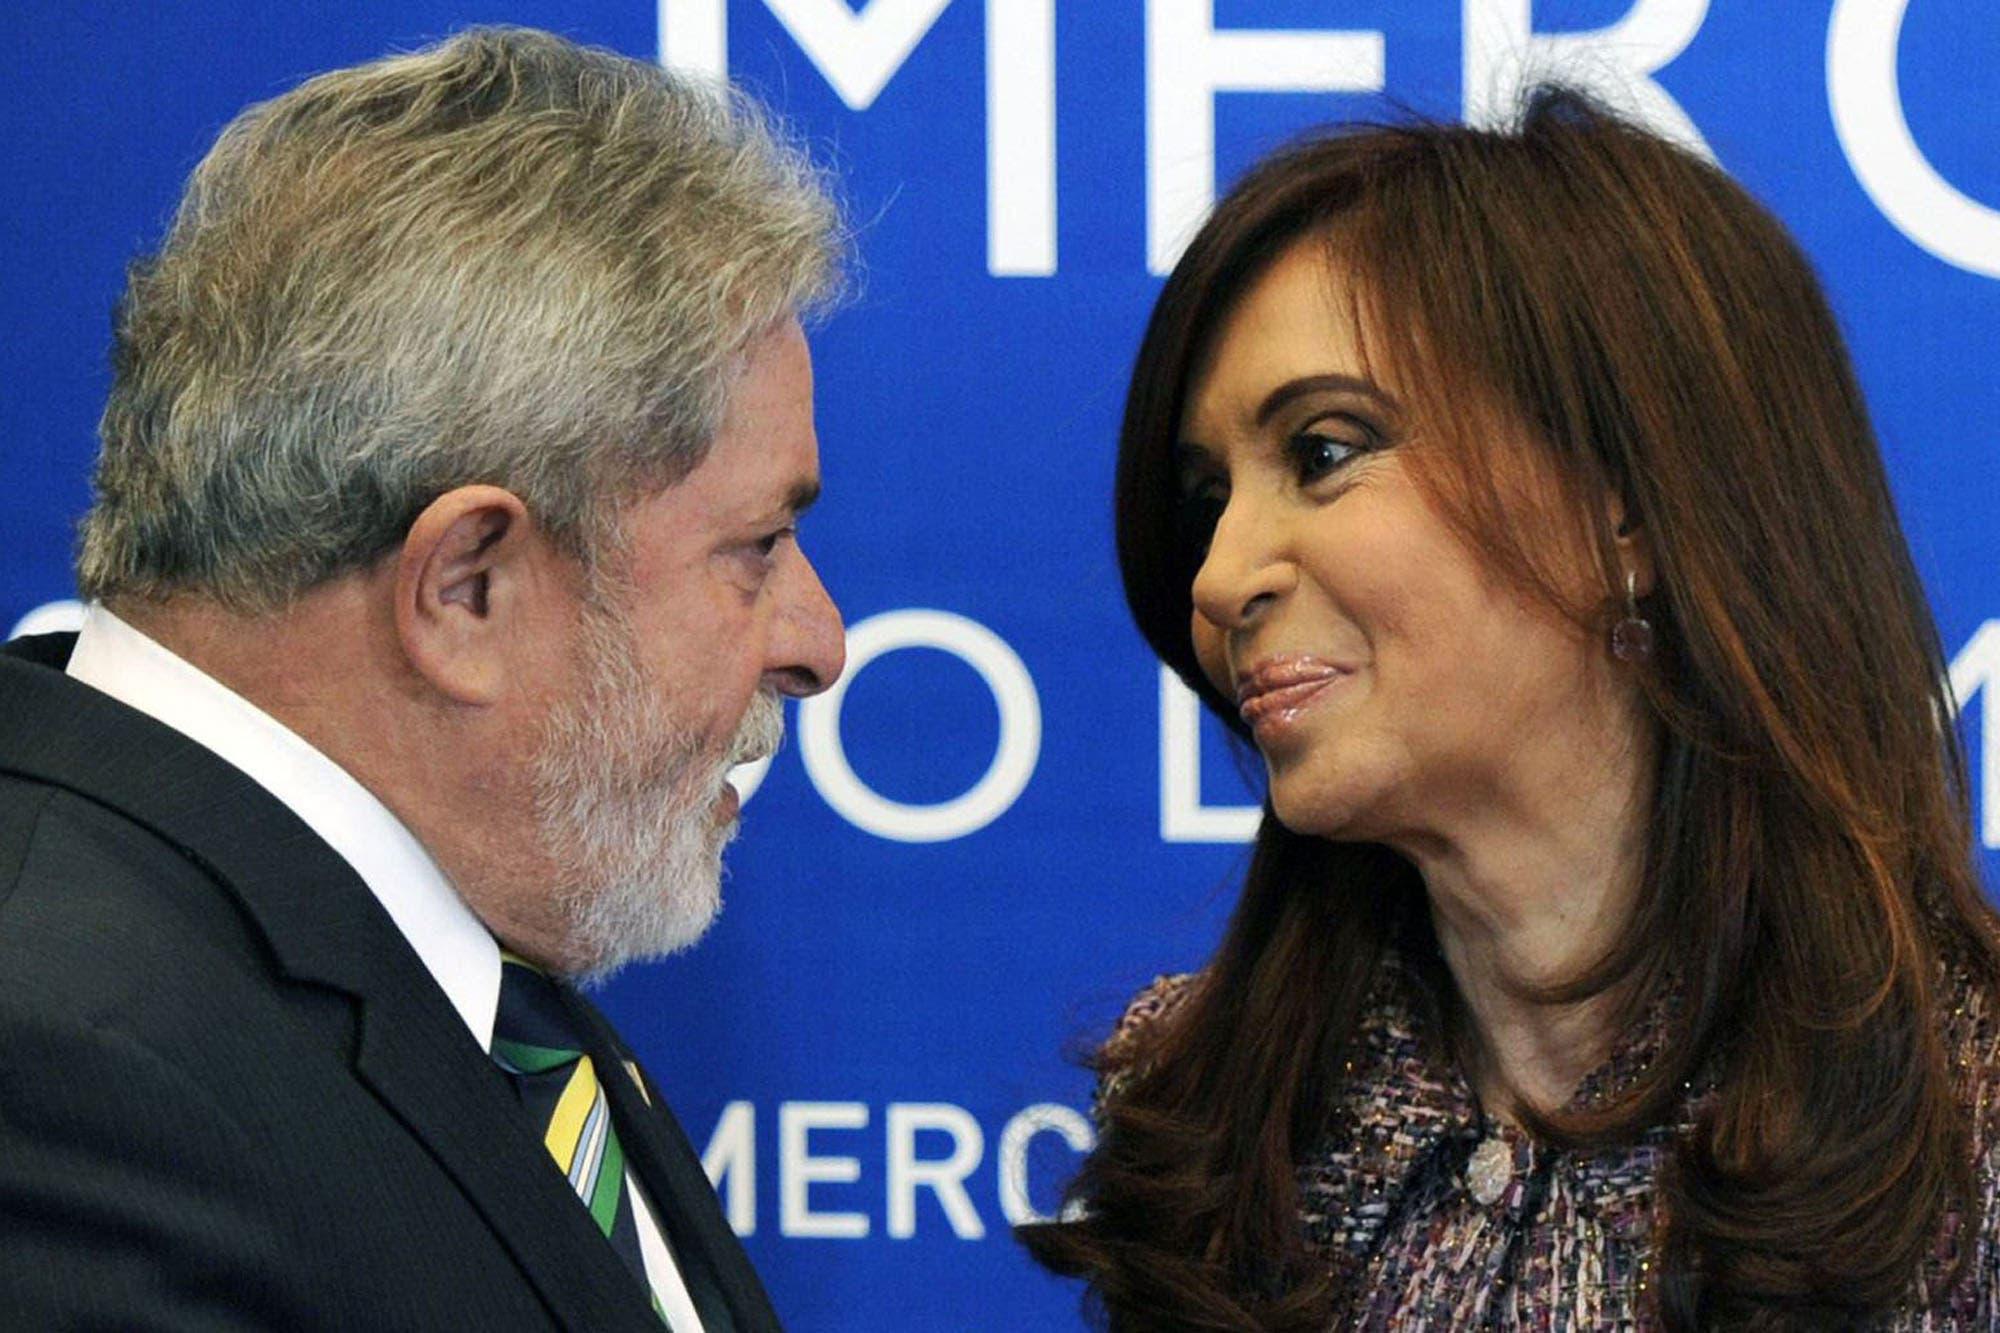 Los mensajes de Alberto Fernández y Cristina Kirchner tras la liberación de Lula